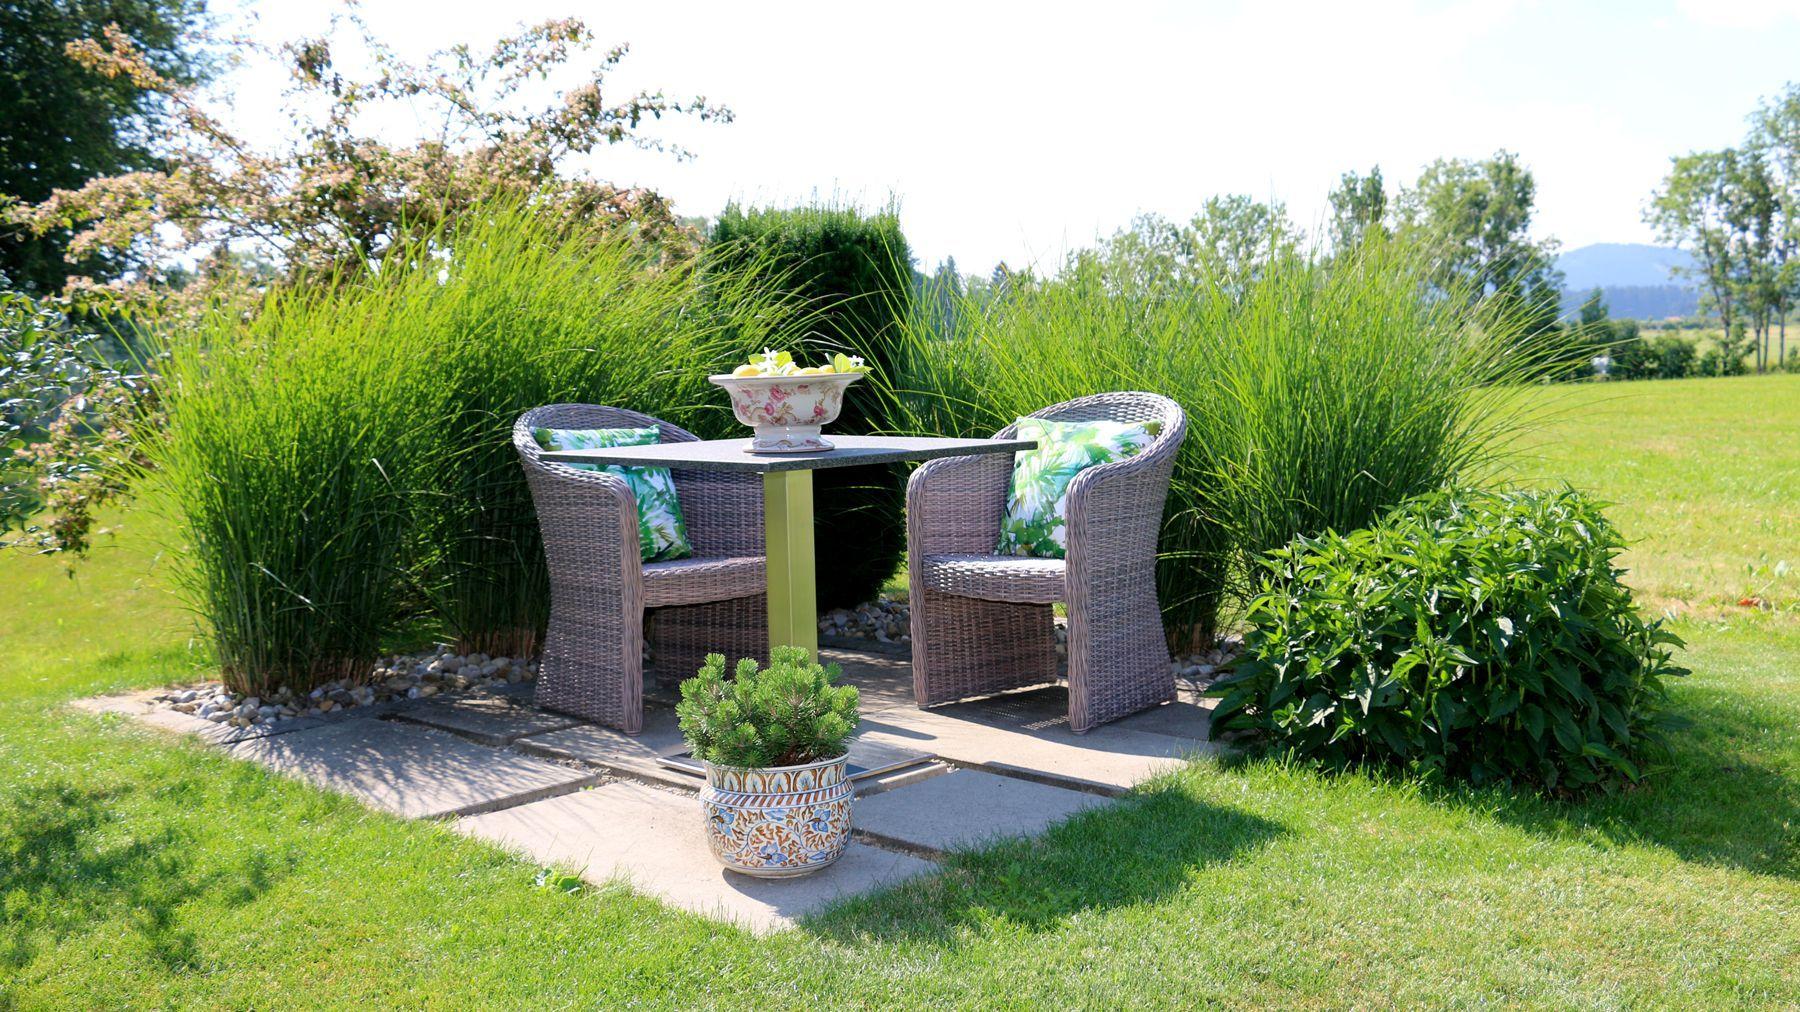 Private Ruckzugsorte Im Garten Hubners Traum In 2020 Garten Traumgarten Garten Design